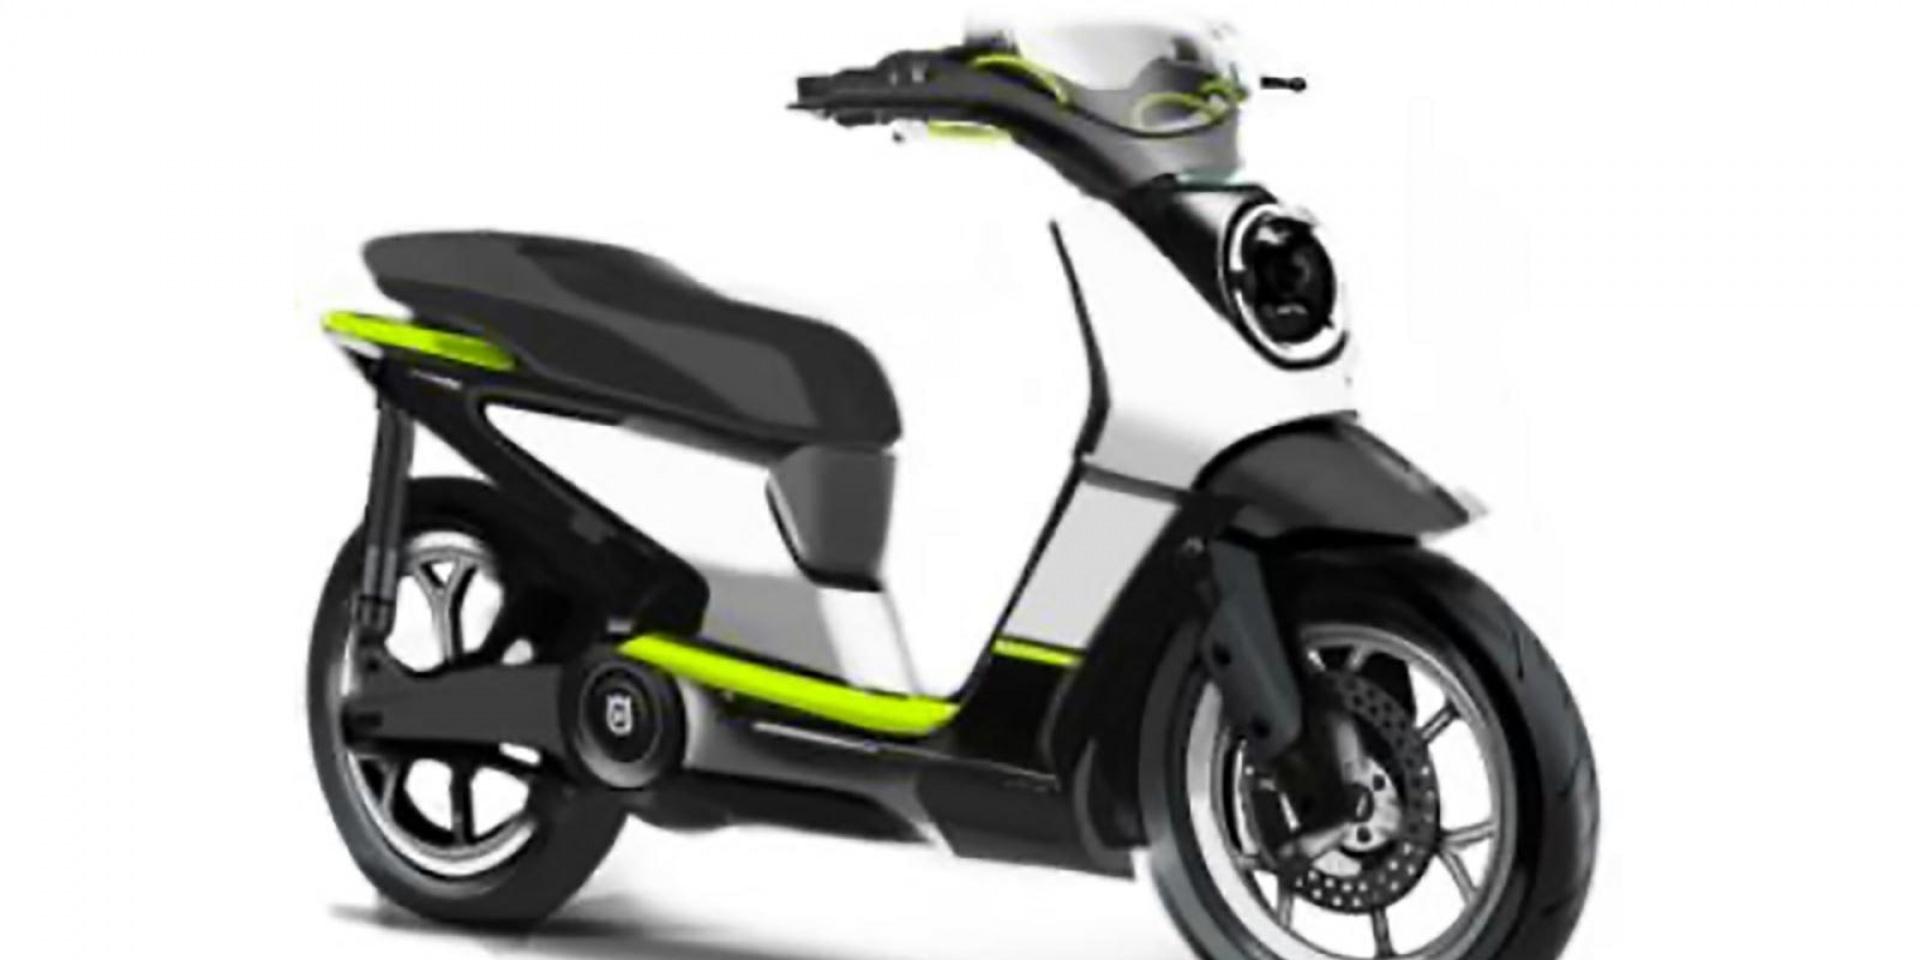 共構車款大爆發!Husqvarna準備推出電動速可達、中量級ADV和全新街車。